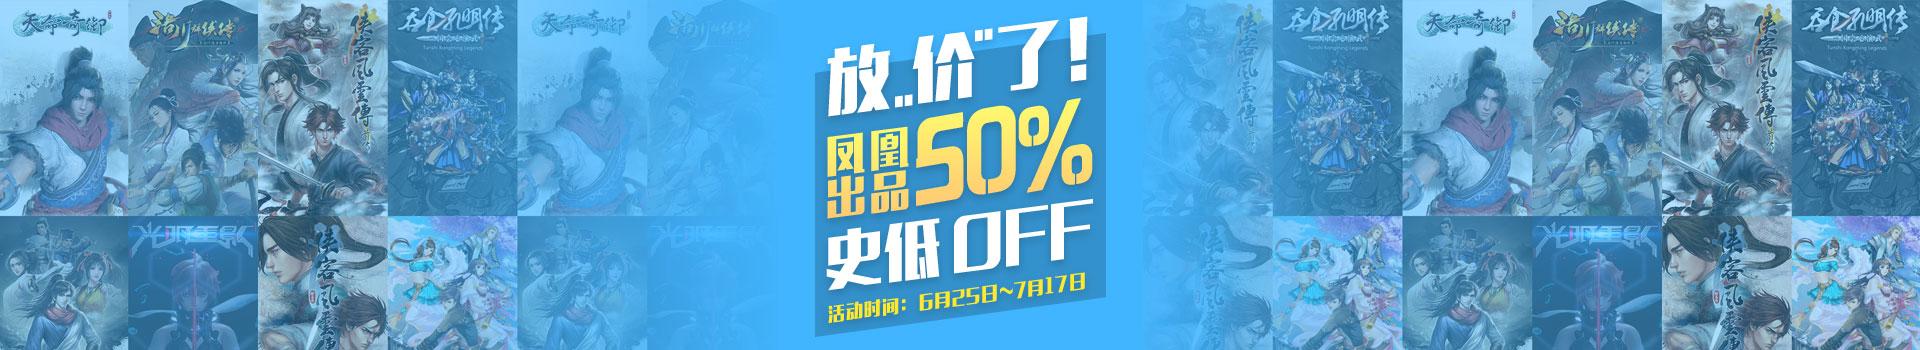 凤凰商城50%折扣 史上最低游戏出售